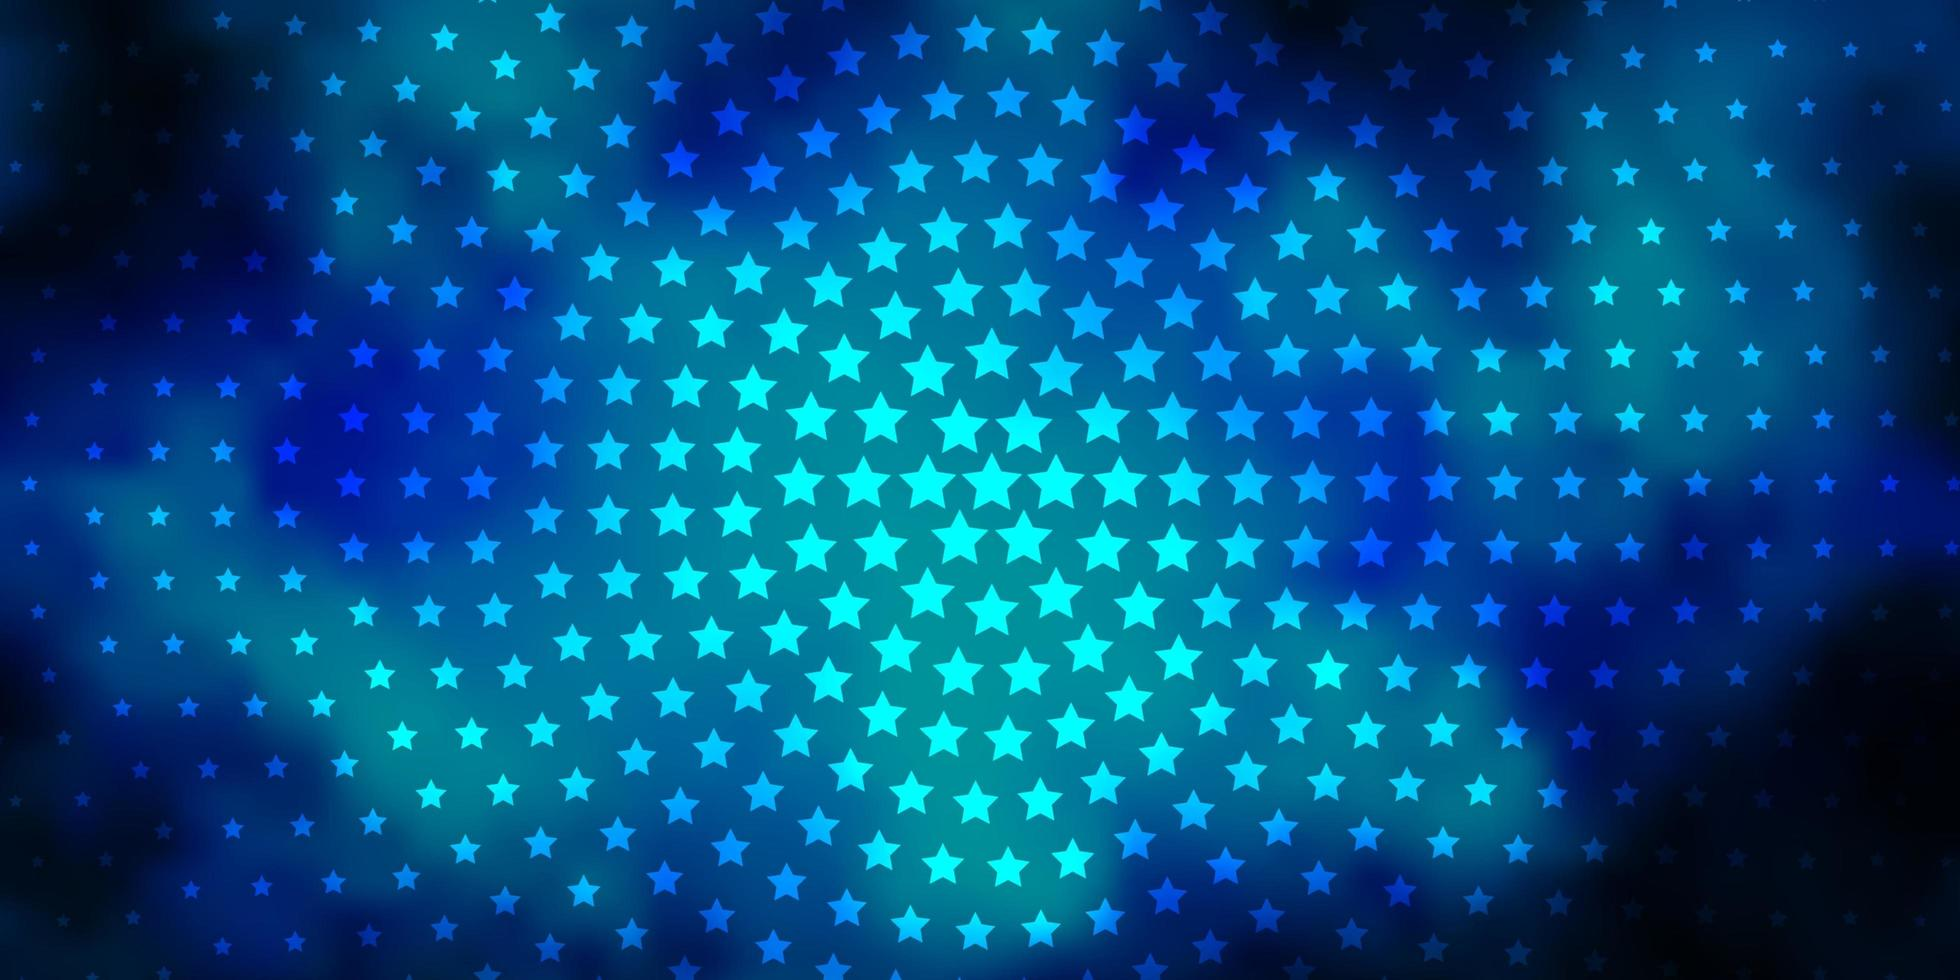 plantilla de vector azul oscuro con estrellas de neón.